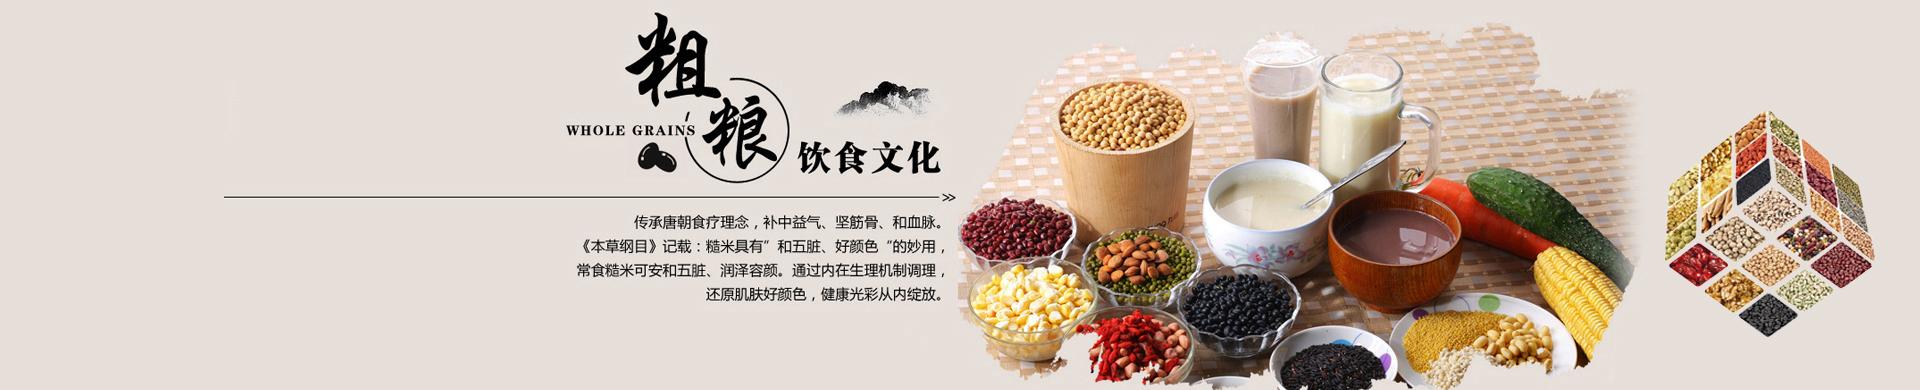 黑龙江省力丰农业发展有限公司